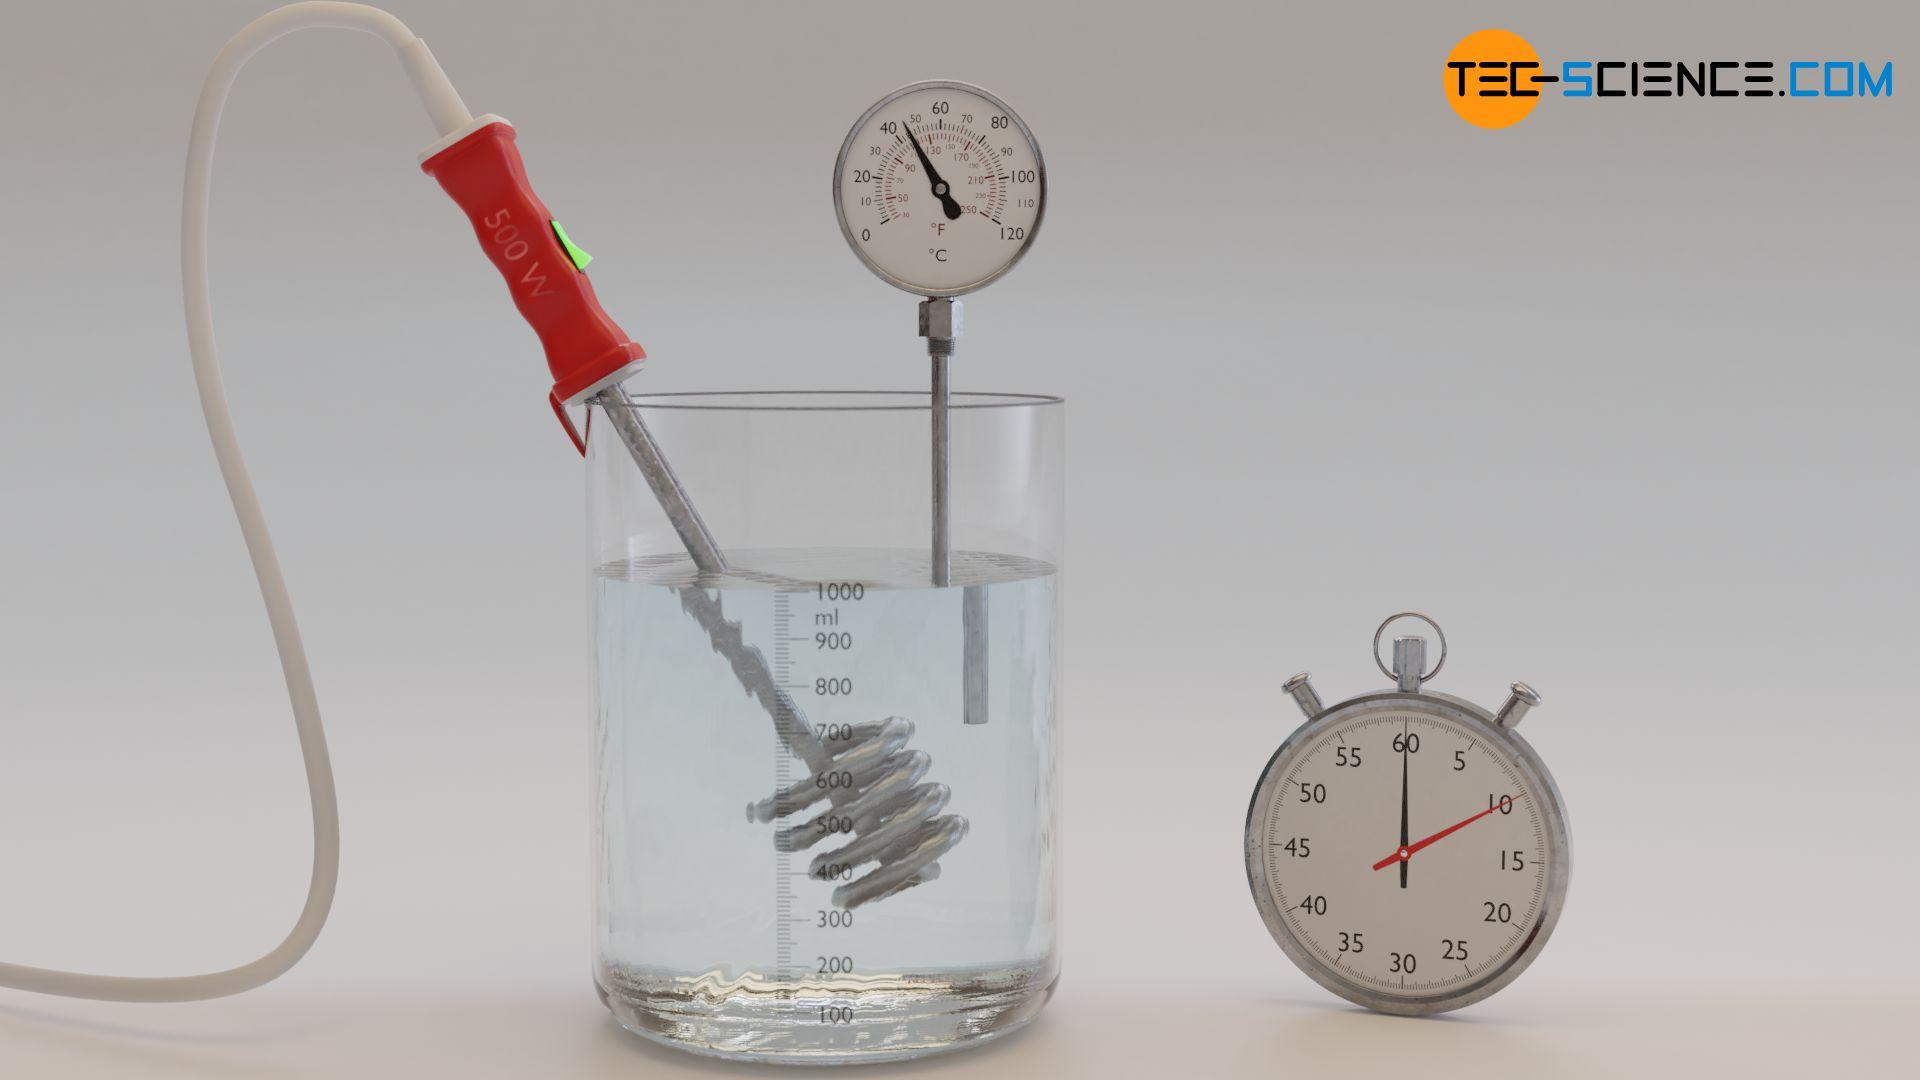 Versuchsaufbau zur experimentellen Bestimmung der spezifischen Wärmekapazität von Wasser